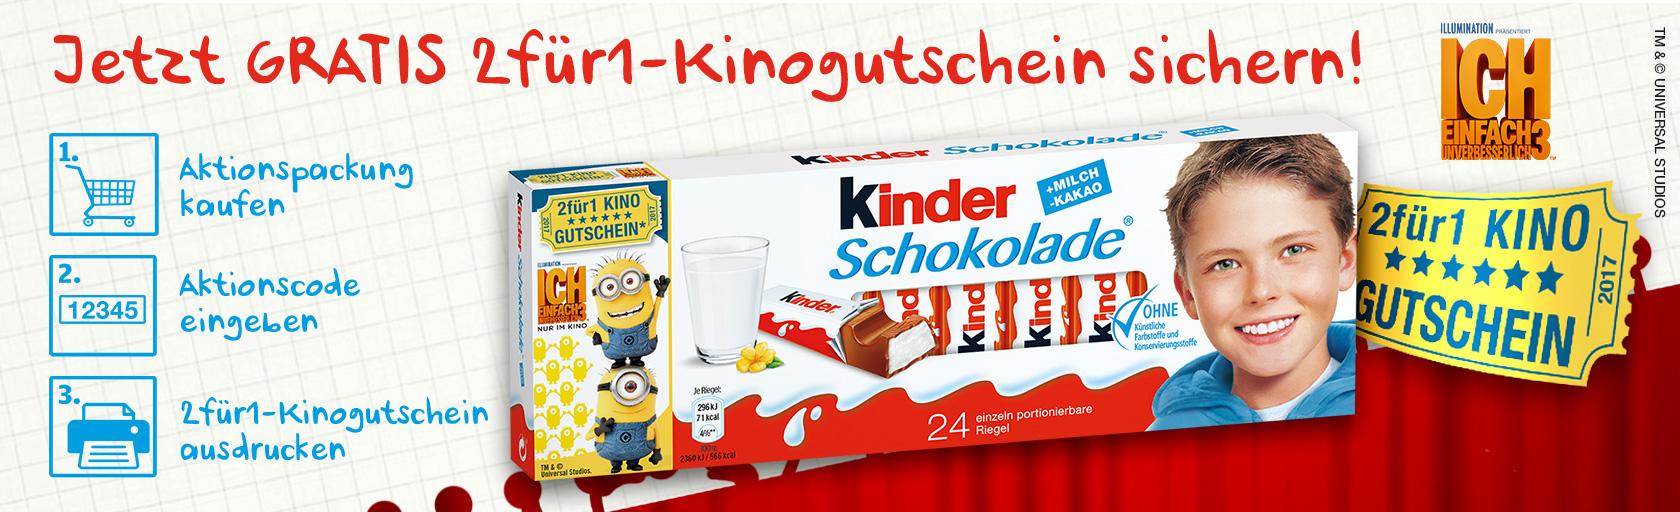 """2für1 Kino Gutschein für """"Ich einfach unverbesserlich 3"""" @ Kinder Schokolade 24er Aktionspack"""